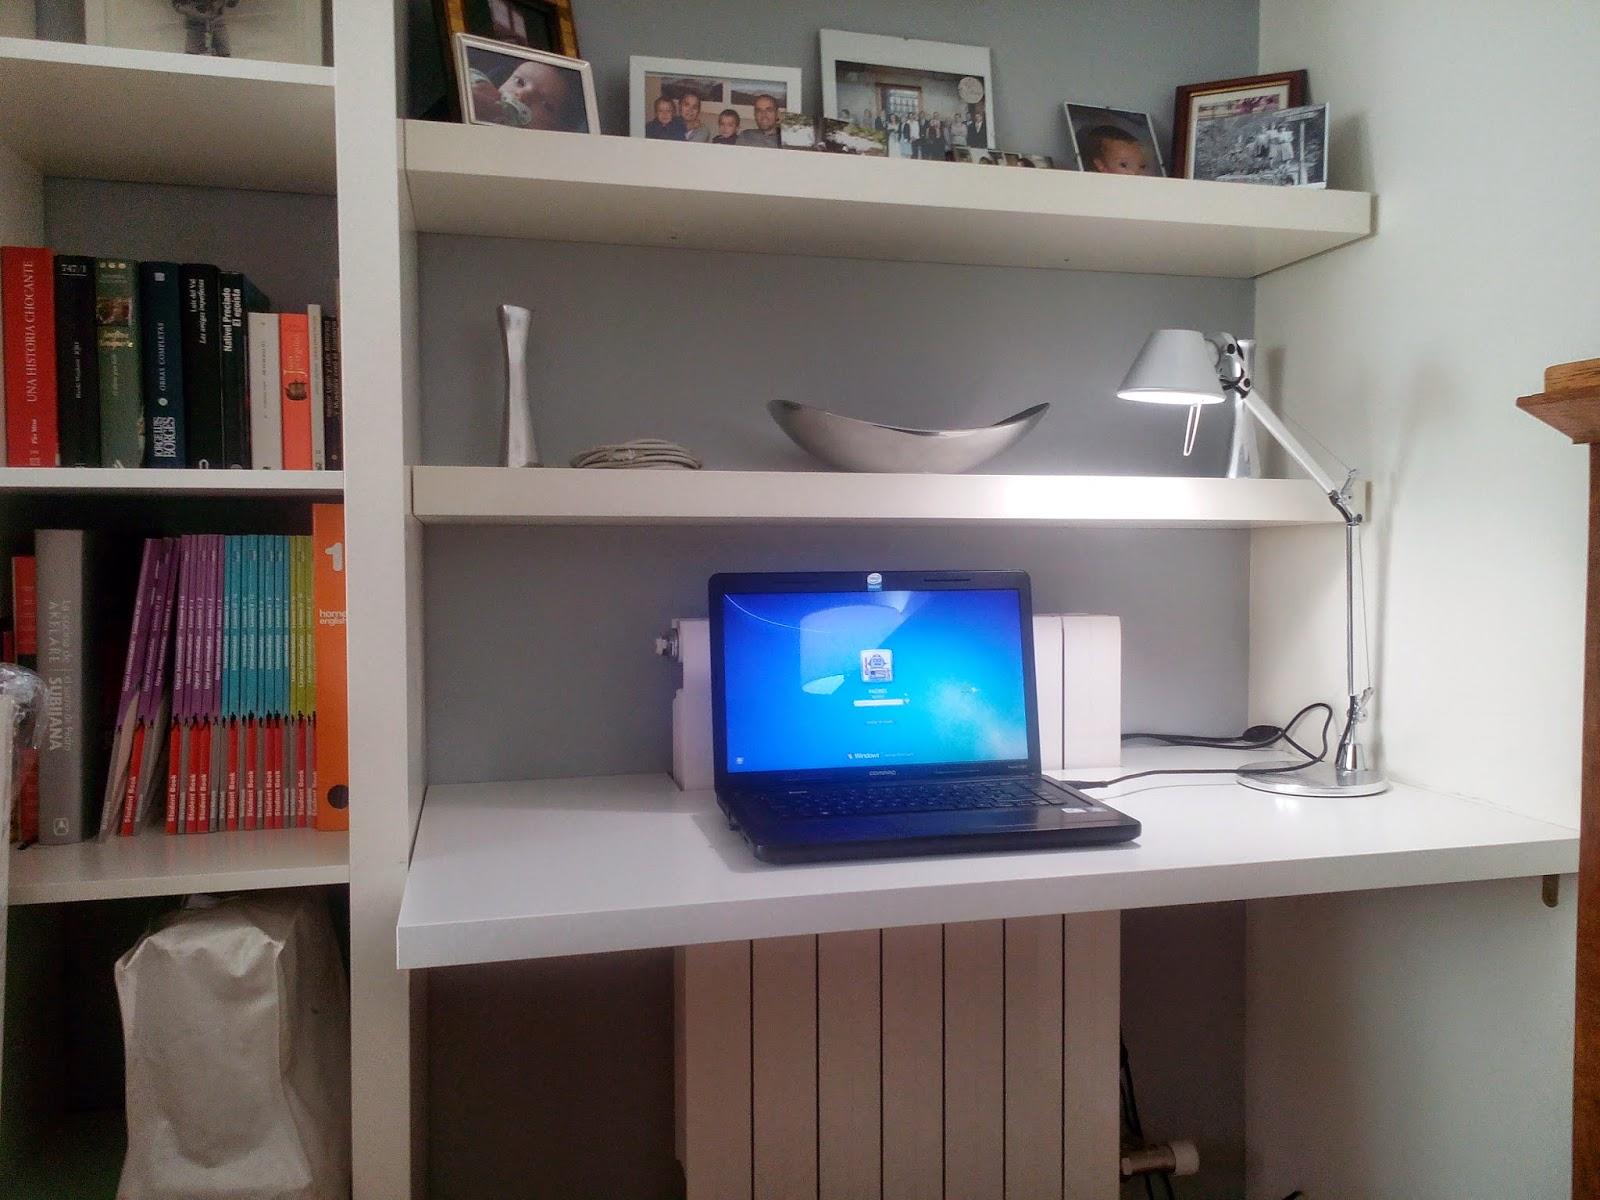 Un escritorio a medida para expedit mi llave allen - Estanteria en esquina ...